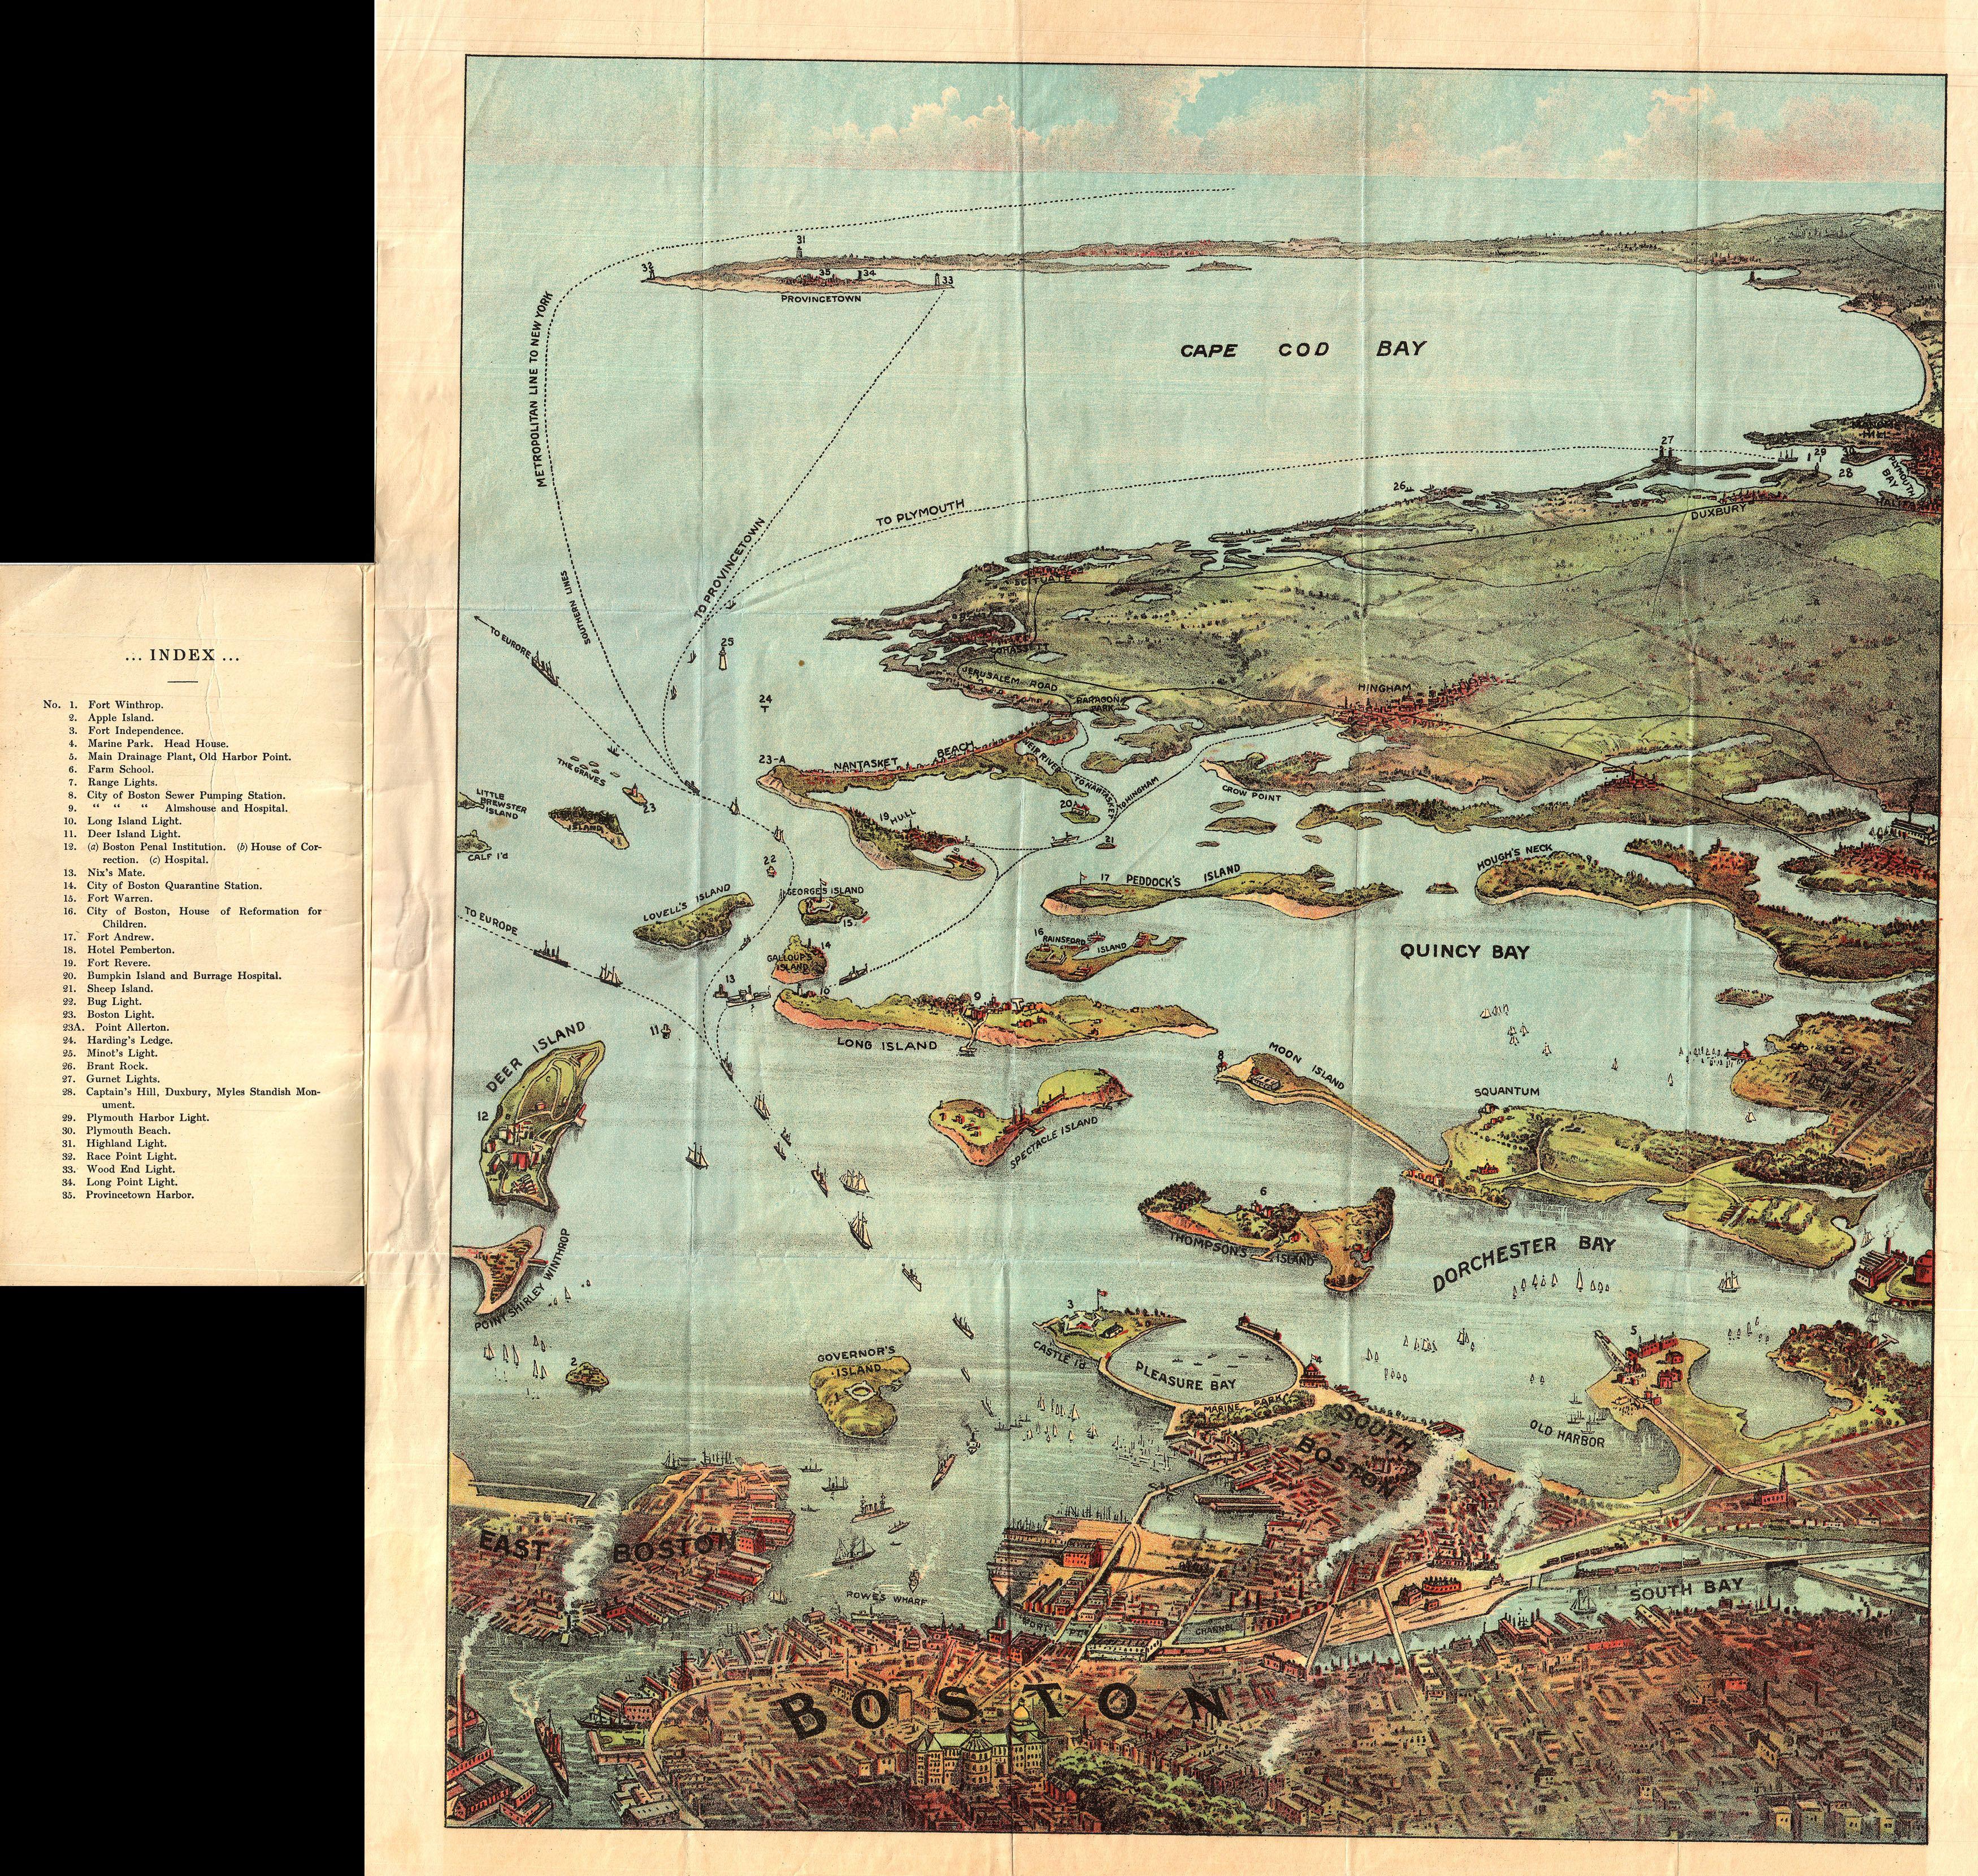 map boston cape cod File 1890 View Map Of Boston Habor From Boston To Cape Cod And map boston cape cod